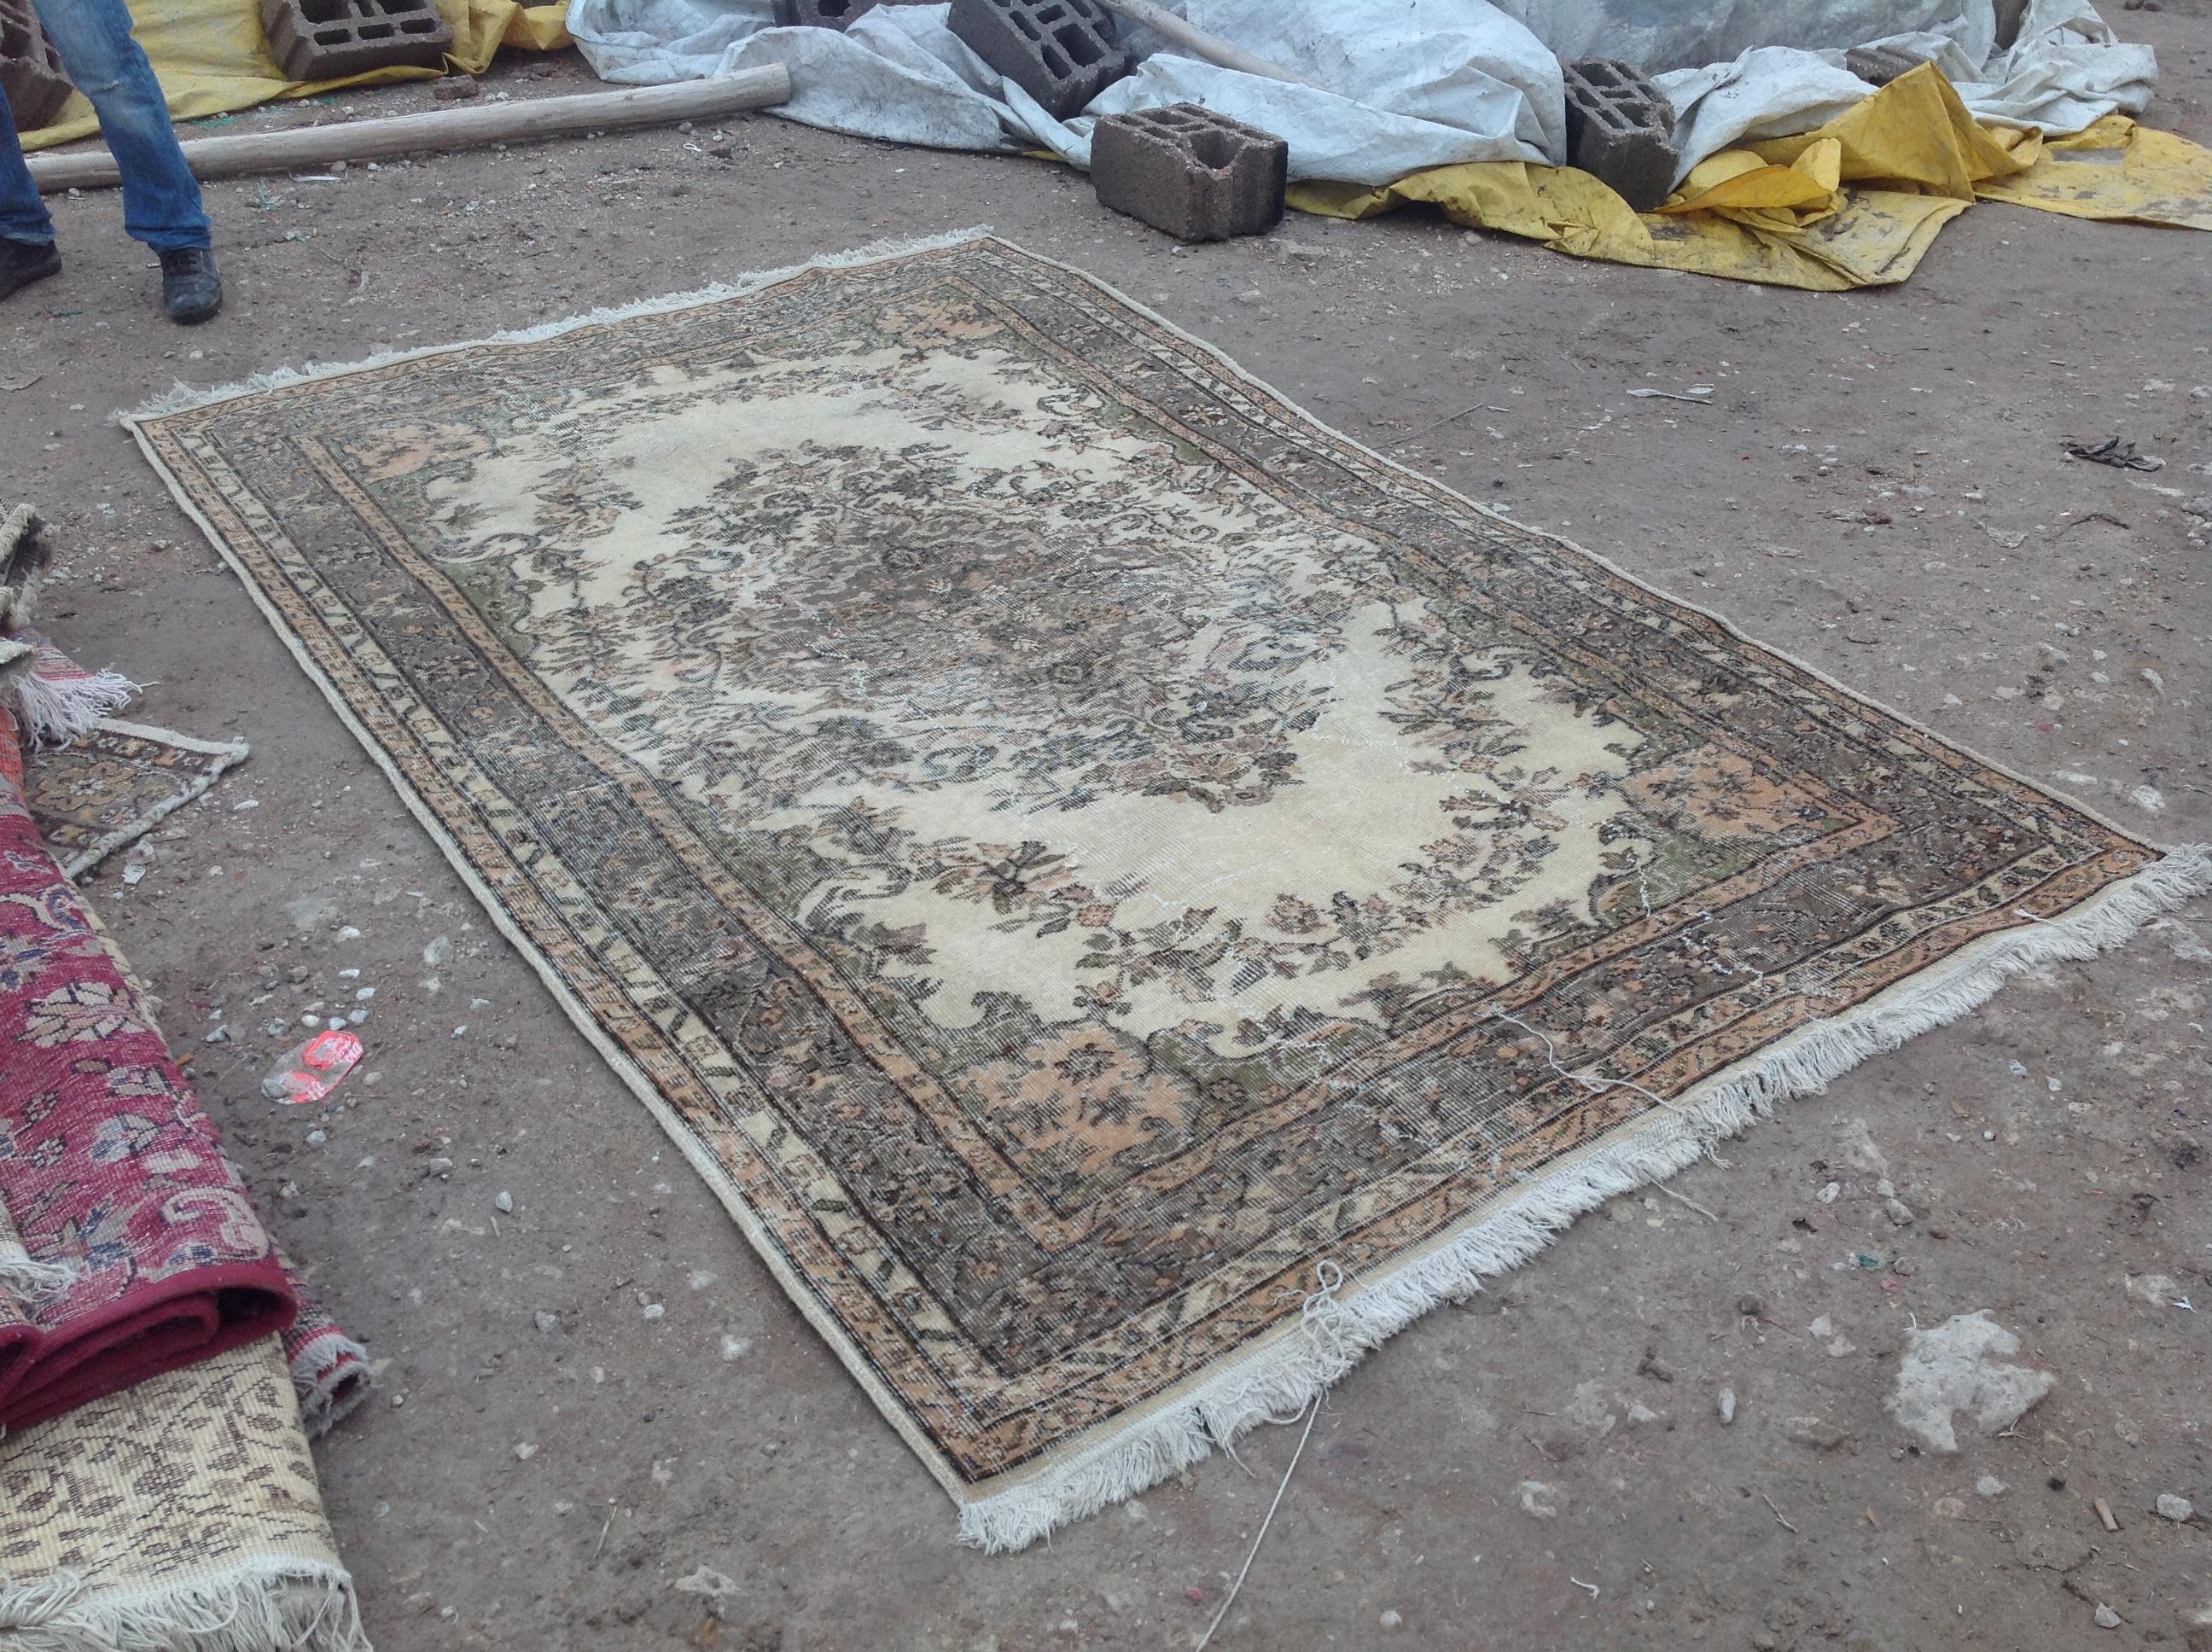 NIEUW INGEKOCHT vintage vloerkleed  uit Turkije 273cm x 177cm, no 4593 LEVERBAAR VANAF 15 DECEMBER